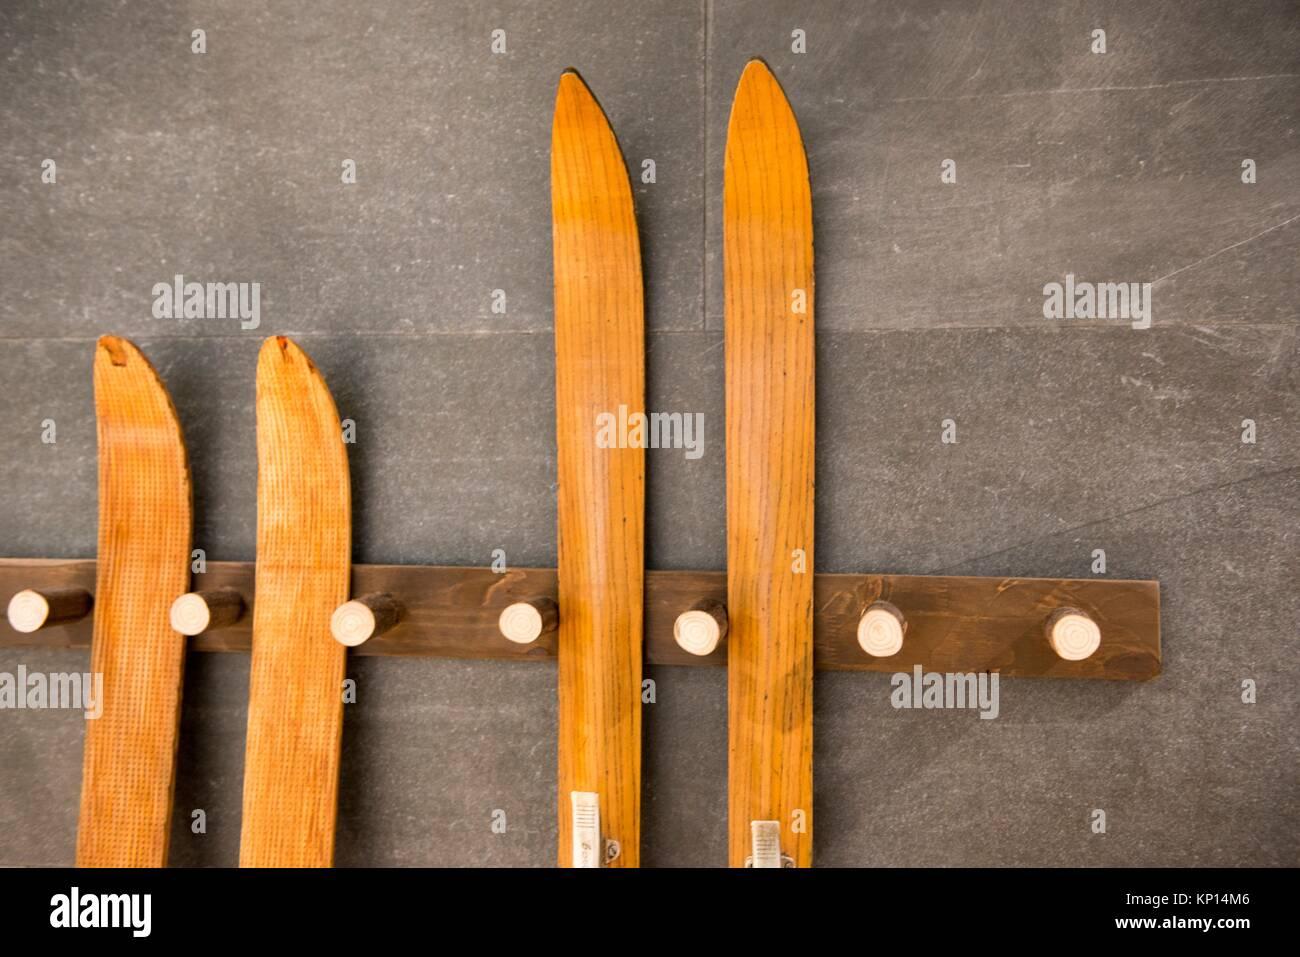 Alte hölzerne Ski ruht auf einer Wand als Dekoration Stockfoto, Bild